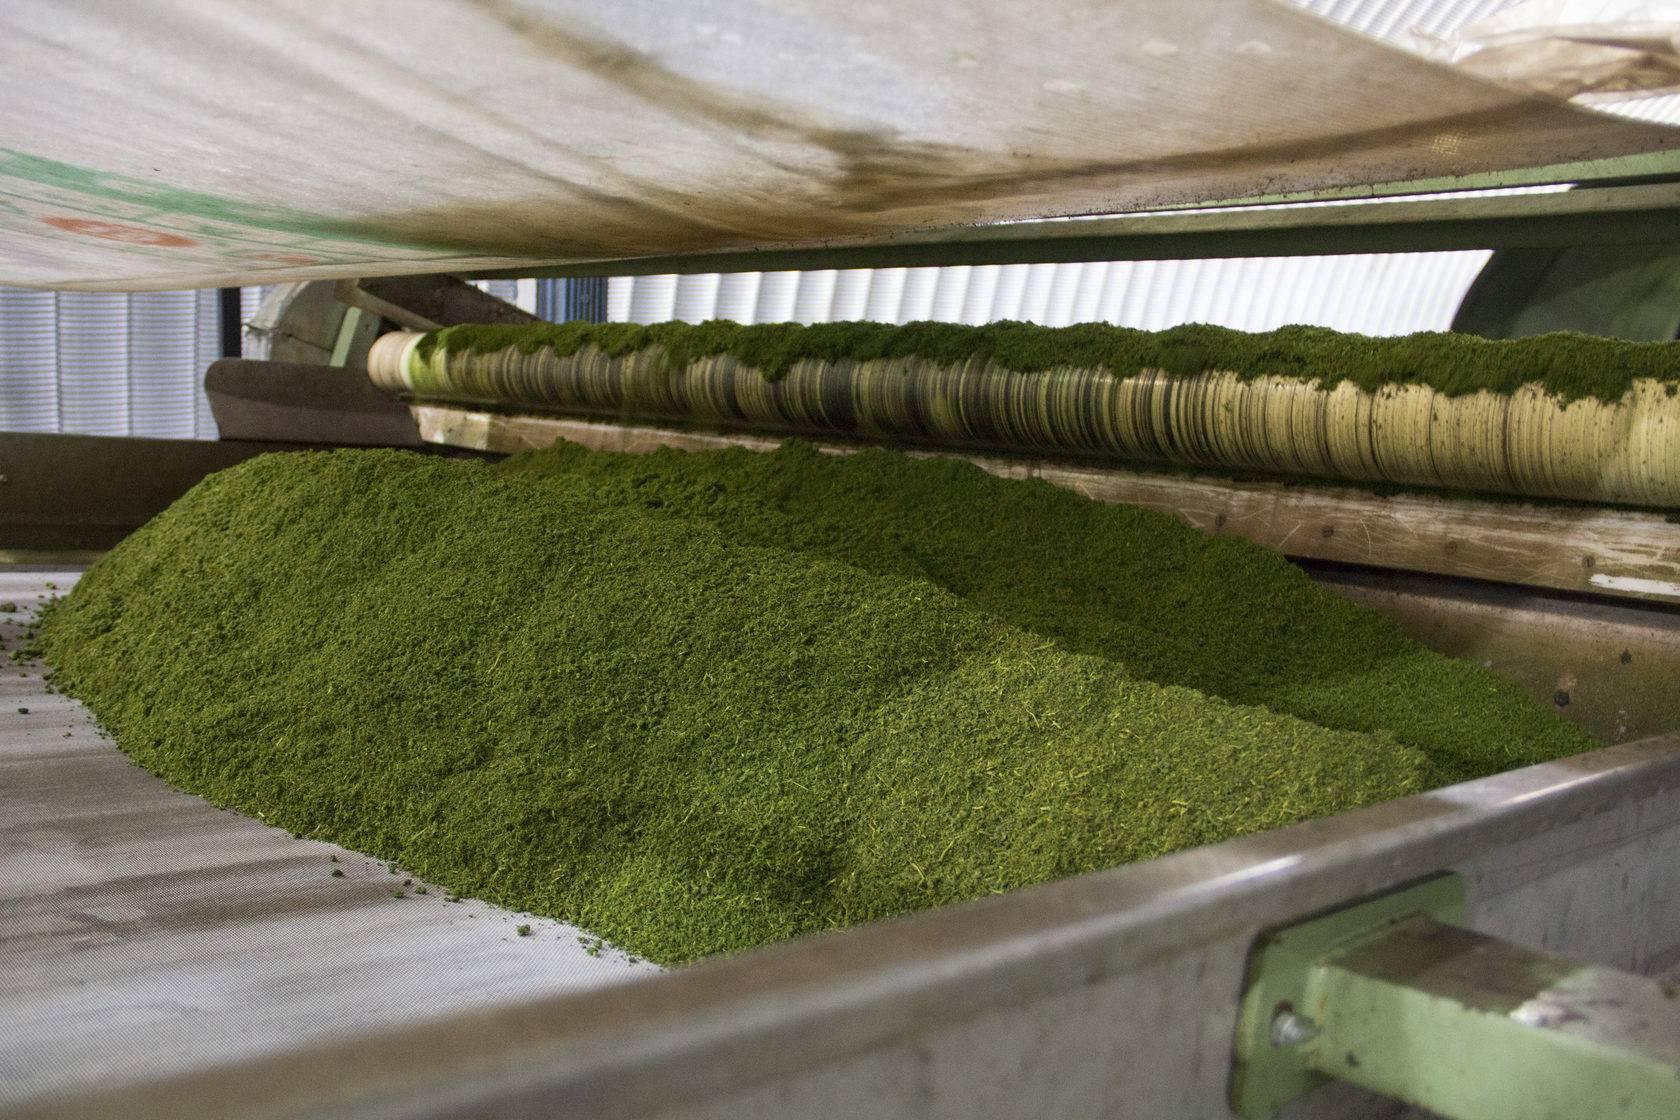 Производство чая - с чего начать в 2021 году и сколько можно заработать - лайфхакер